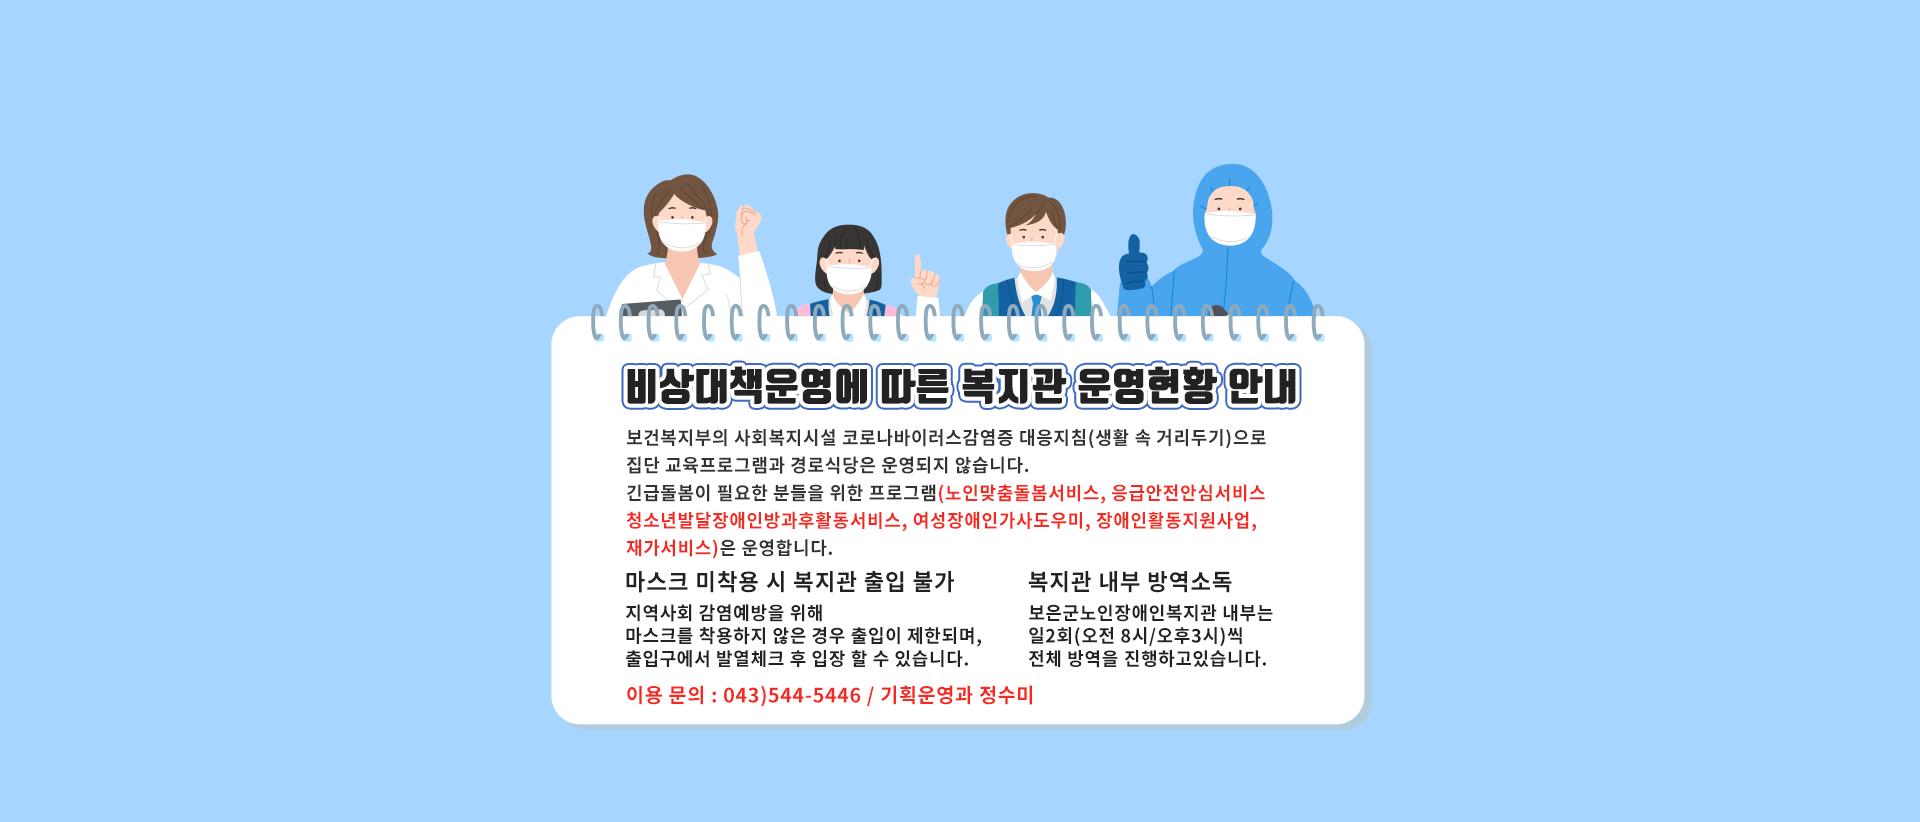 비상대책운영에 따른 복지관 운영현황안내